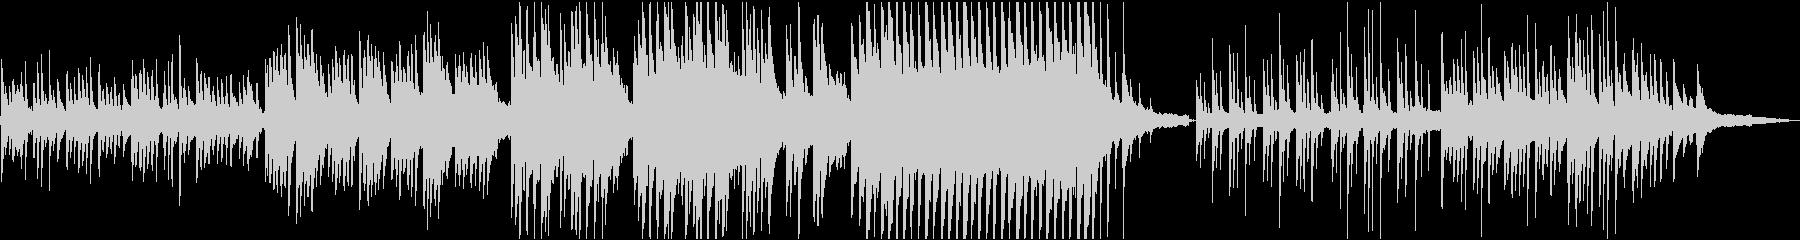 牧歌的なピアノソロの未再生の波形